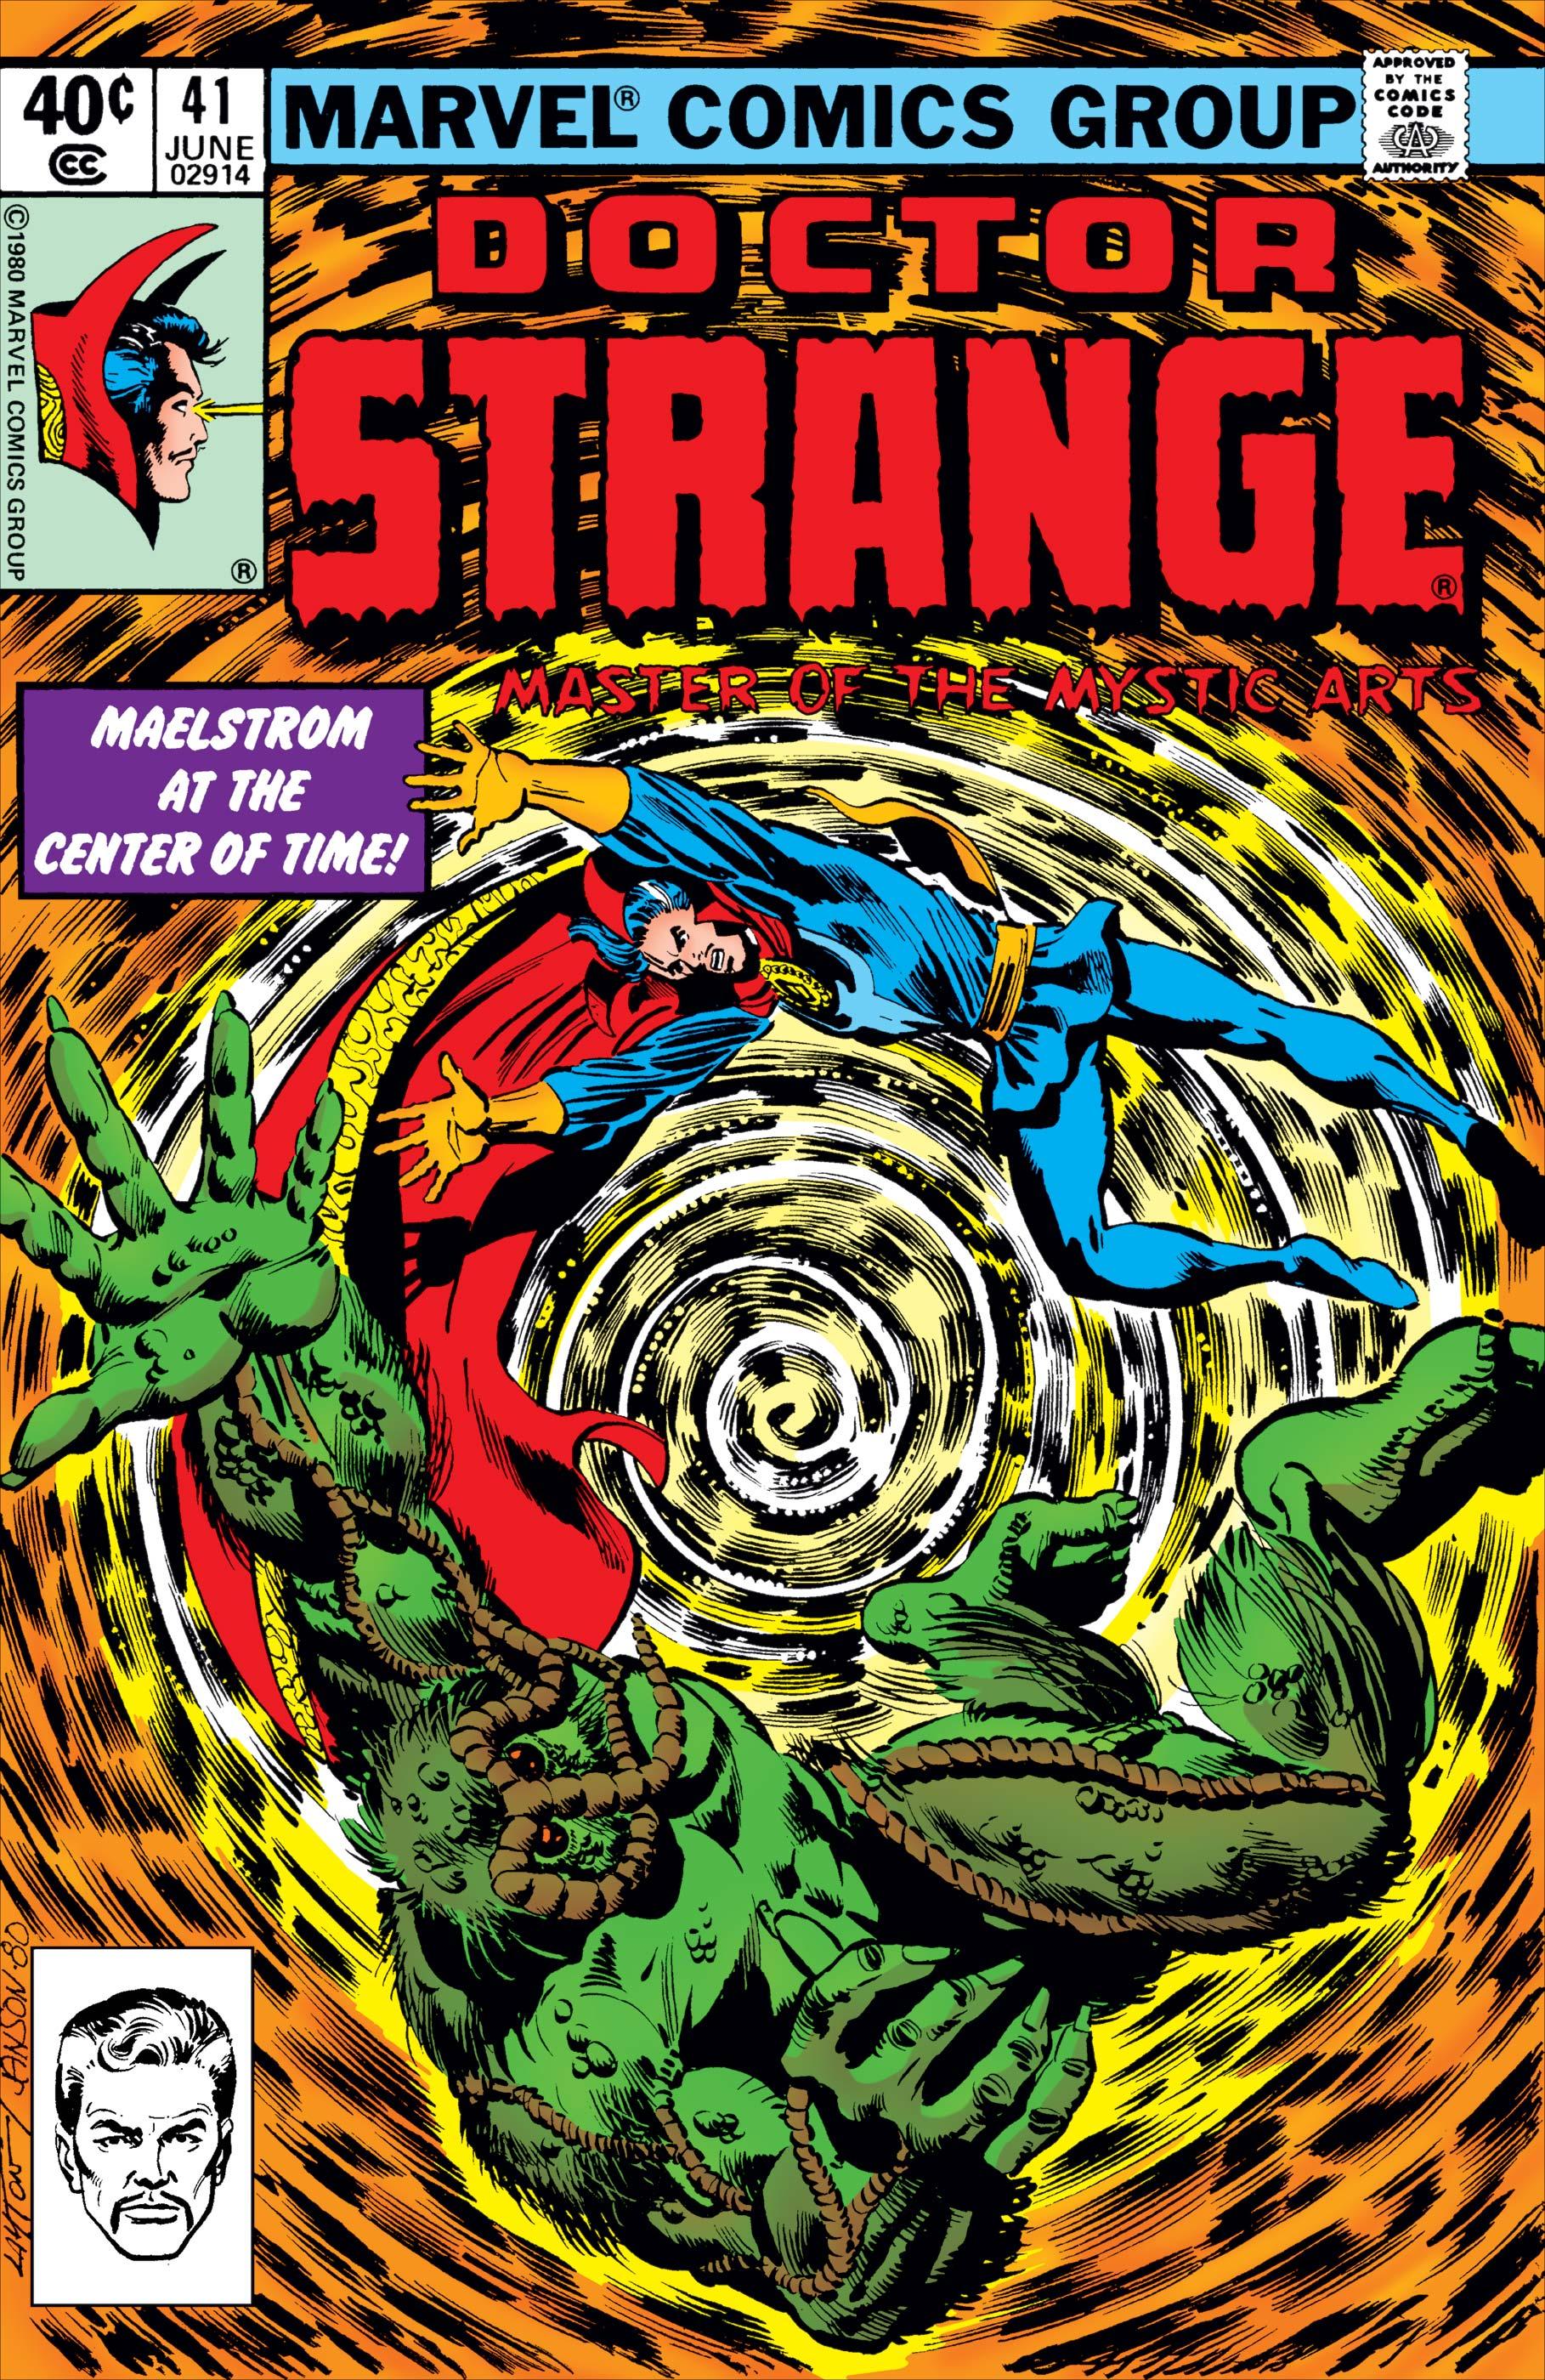 Doctor Strange (1974) #41